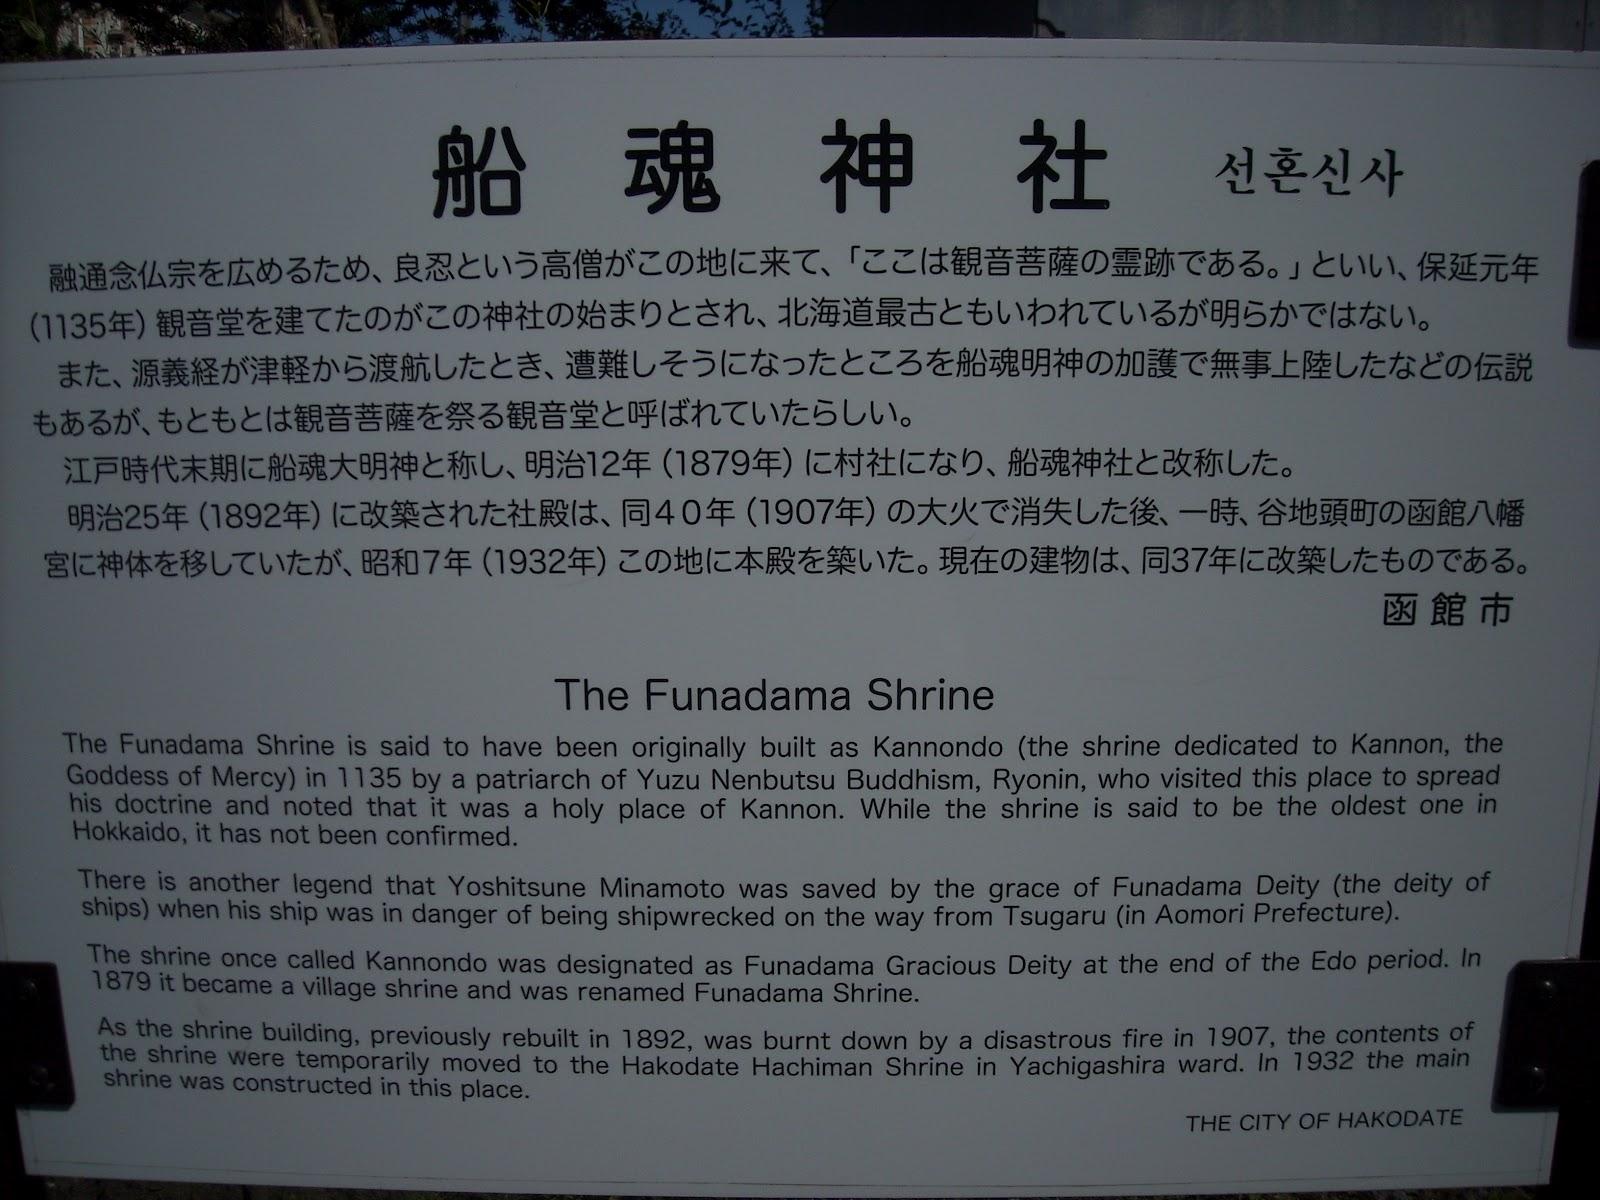 幕府 つくろう 鎌倉 いい 国